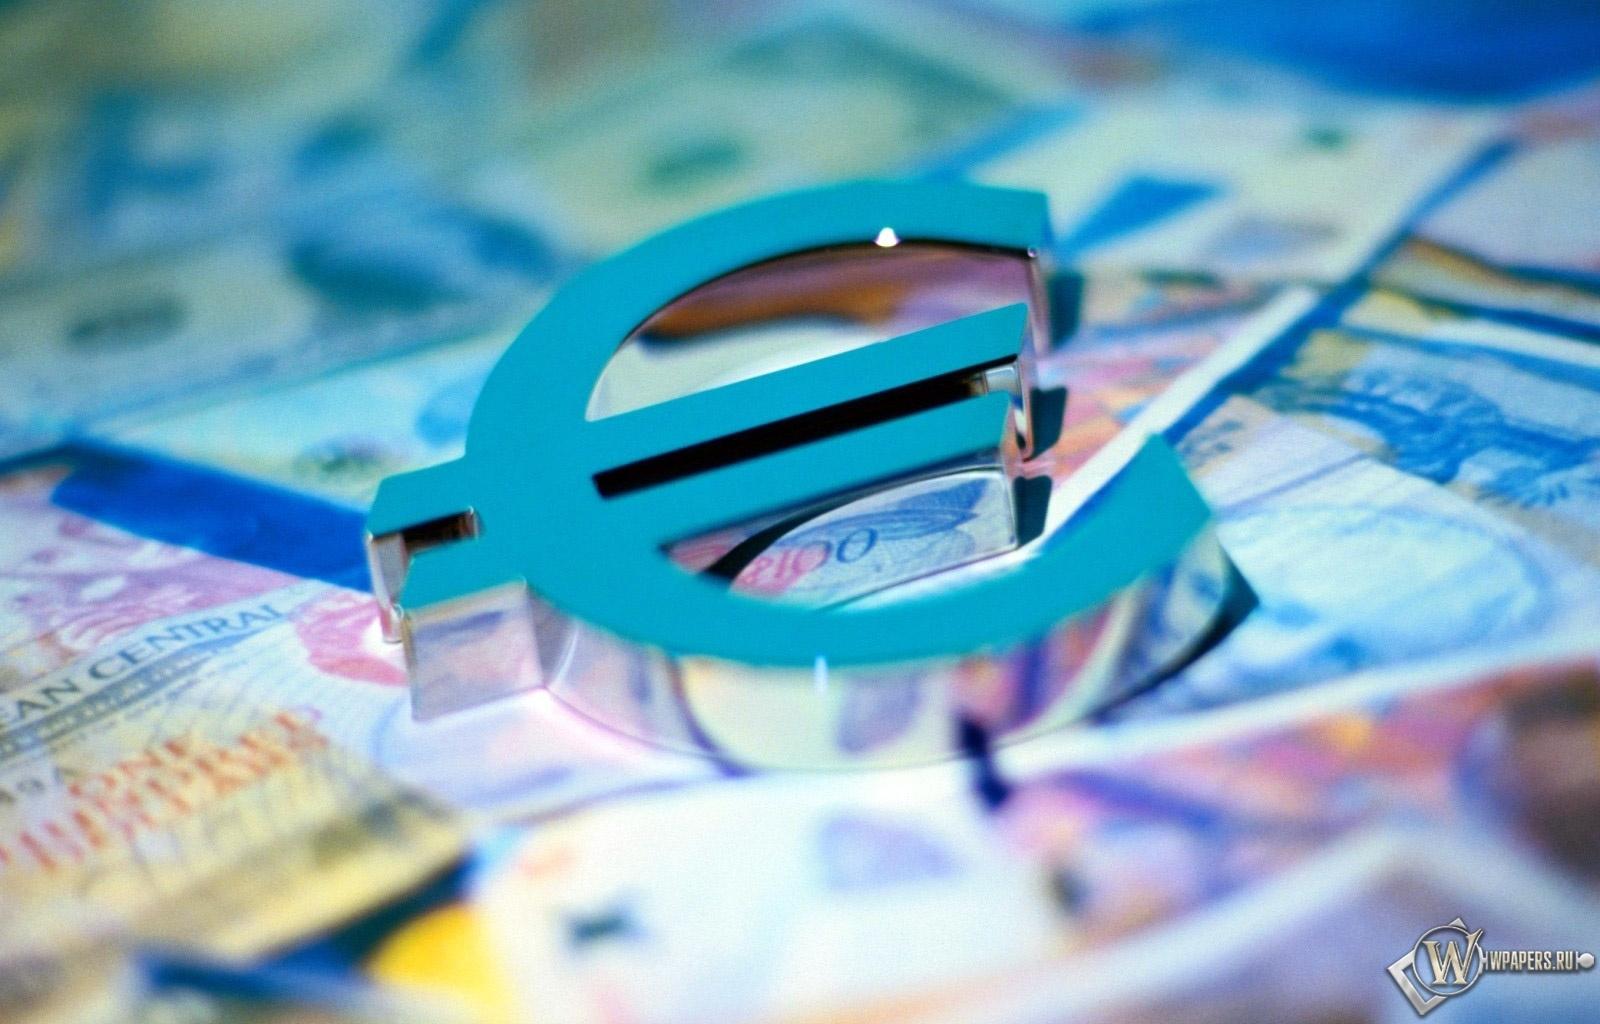 бланк заявления на получение чековой книжки в юникредит банк